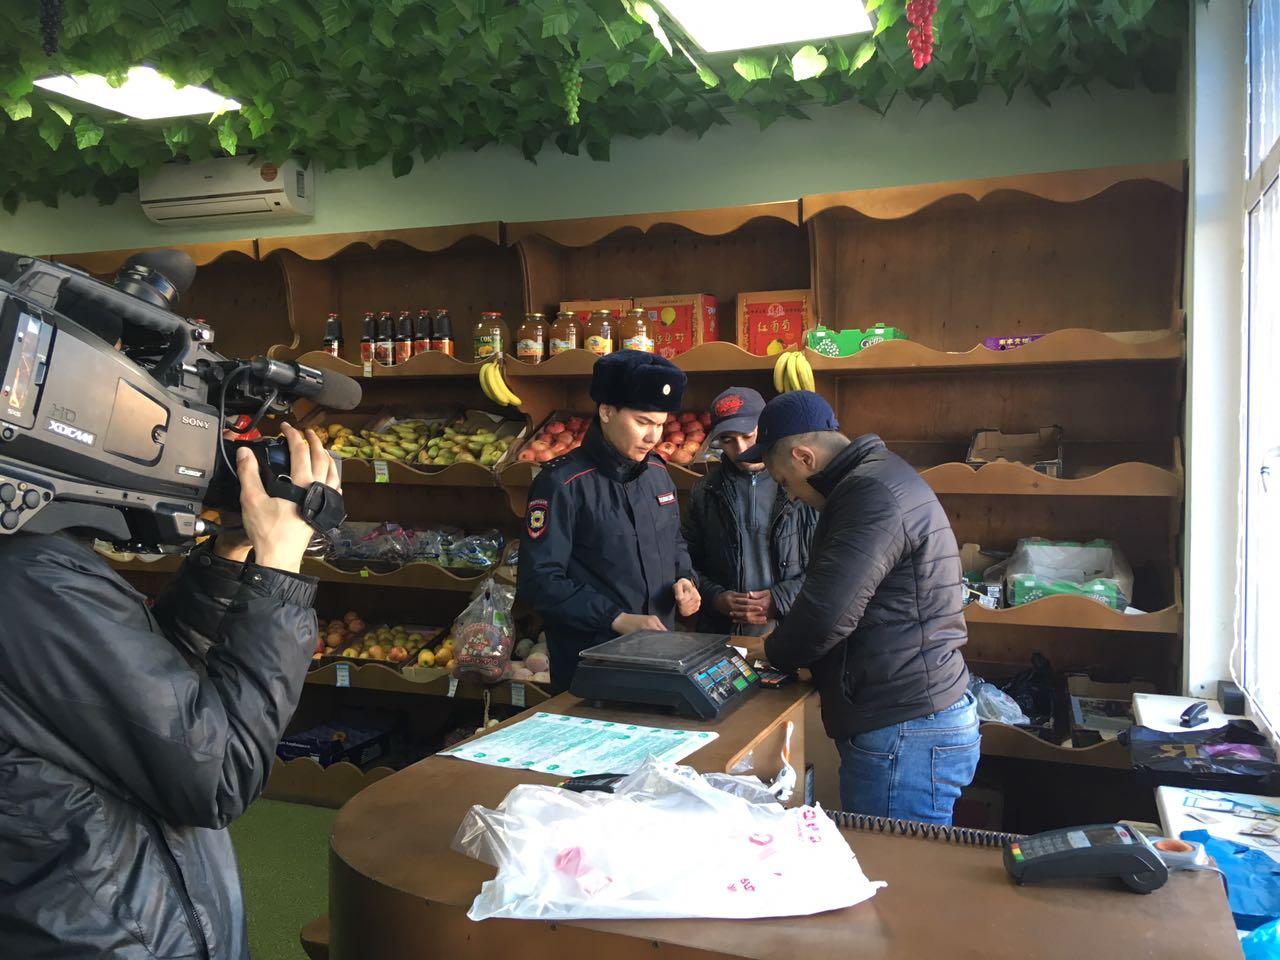 ovoshhnoj-mag Мигранты в Якутске: «Резиновые квартиры», нелегальные таксисты и овощные монополисты